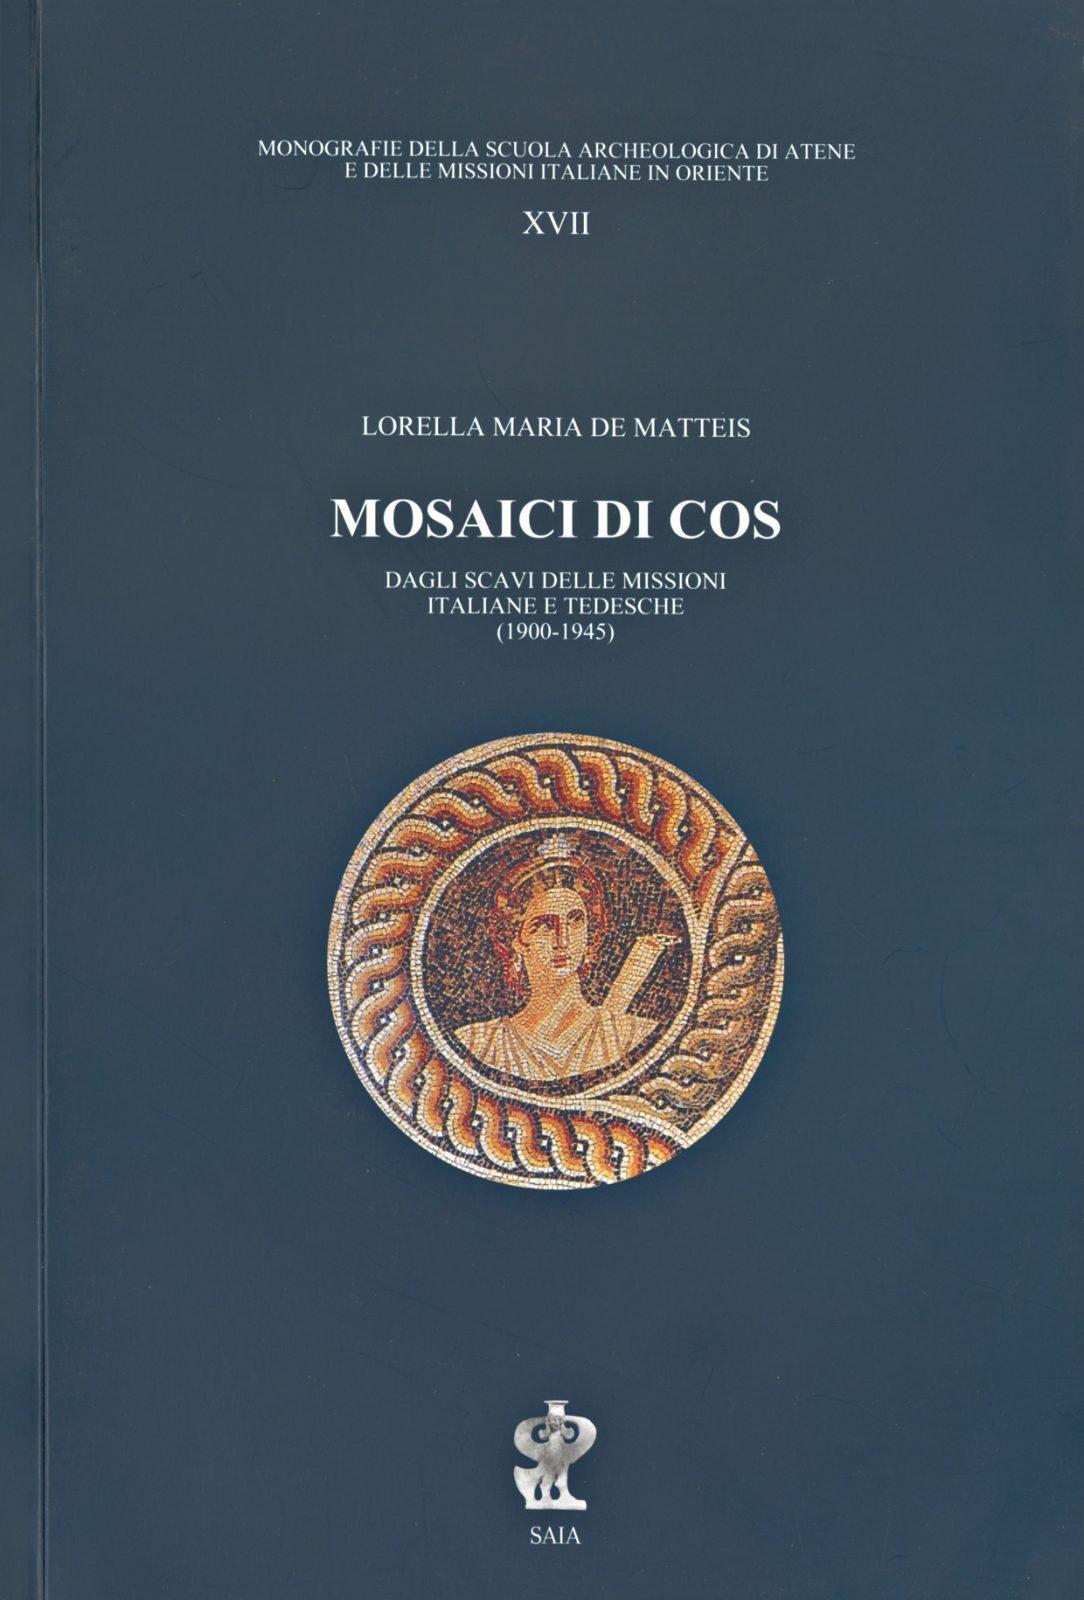 Mosaici di Cos. Dagli scavi delle missioni italiane e tedesche (1900-1945), copertina.